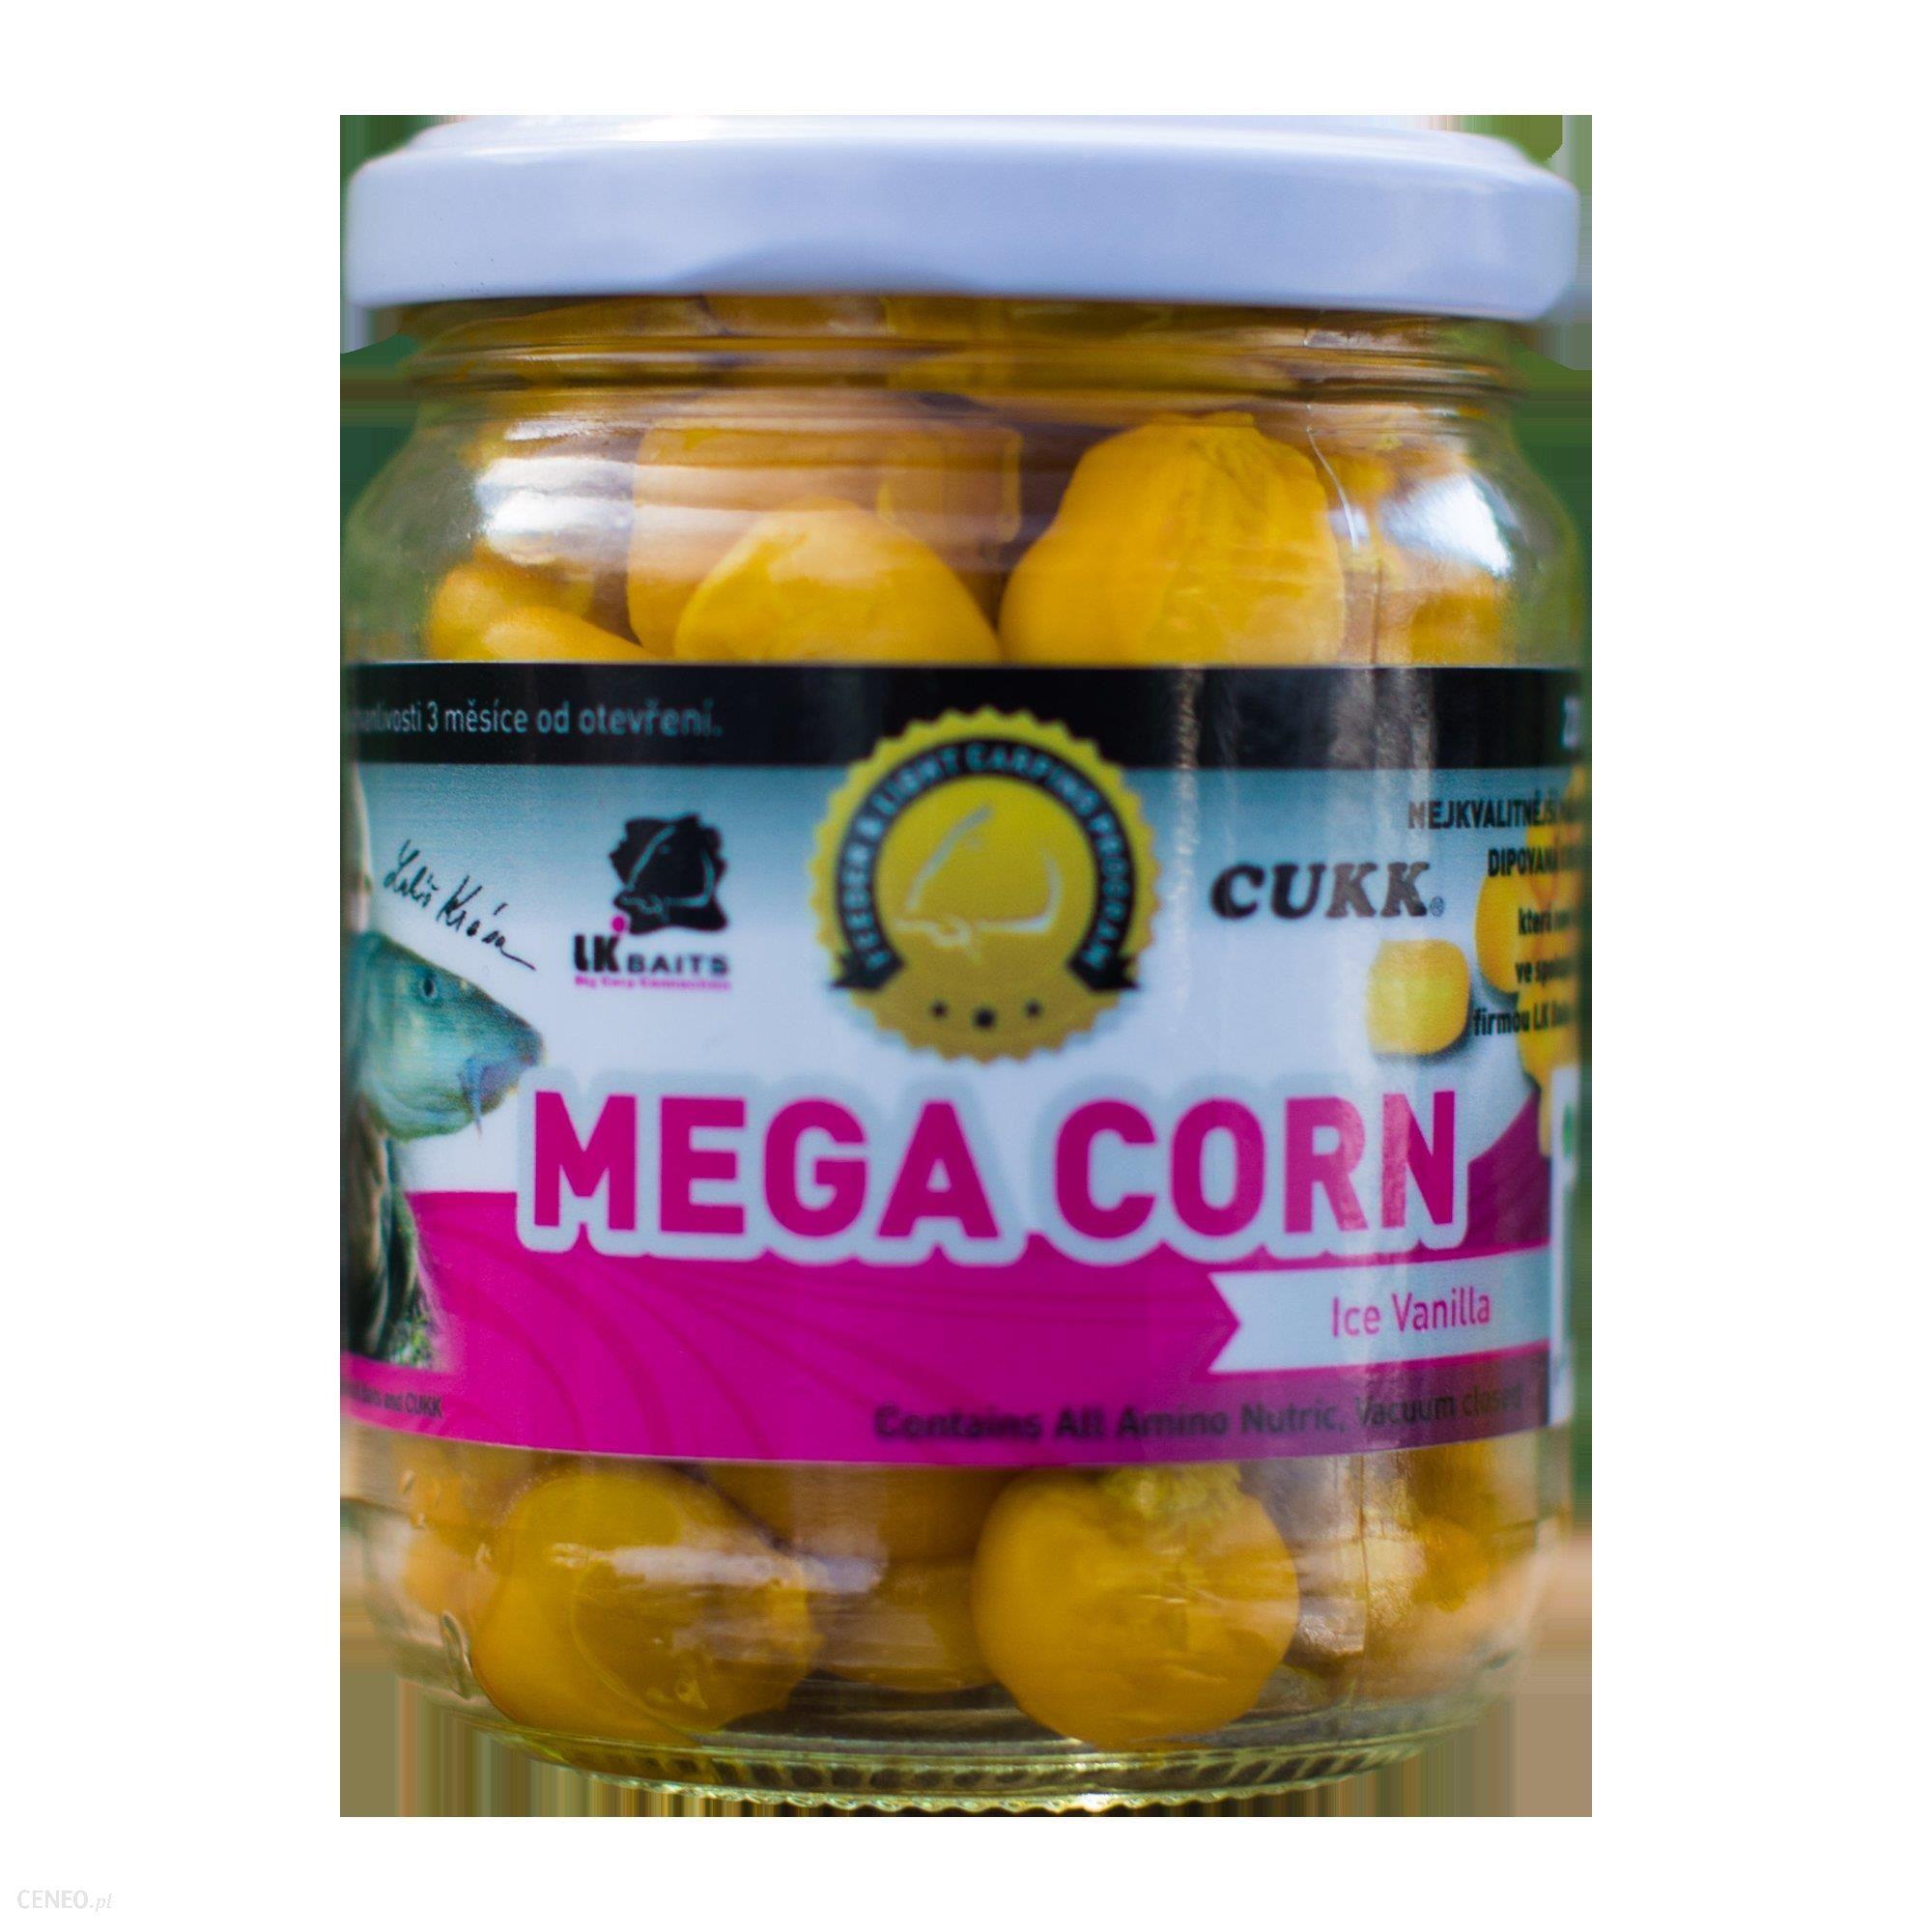 Lk Baits Mega Corn In Dip Kukurydza W Dipie Cukk Ice Vanilla